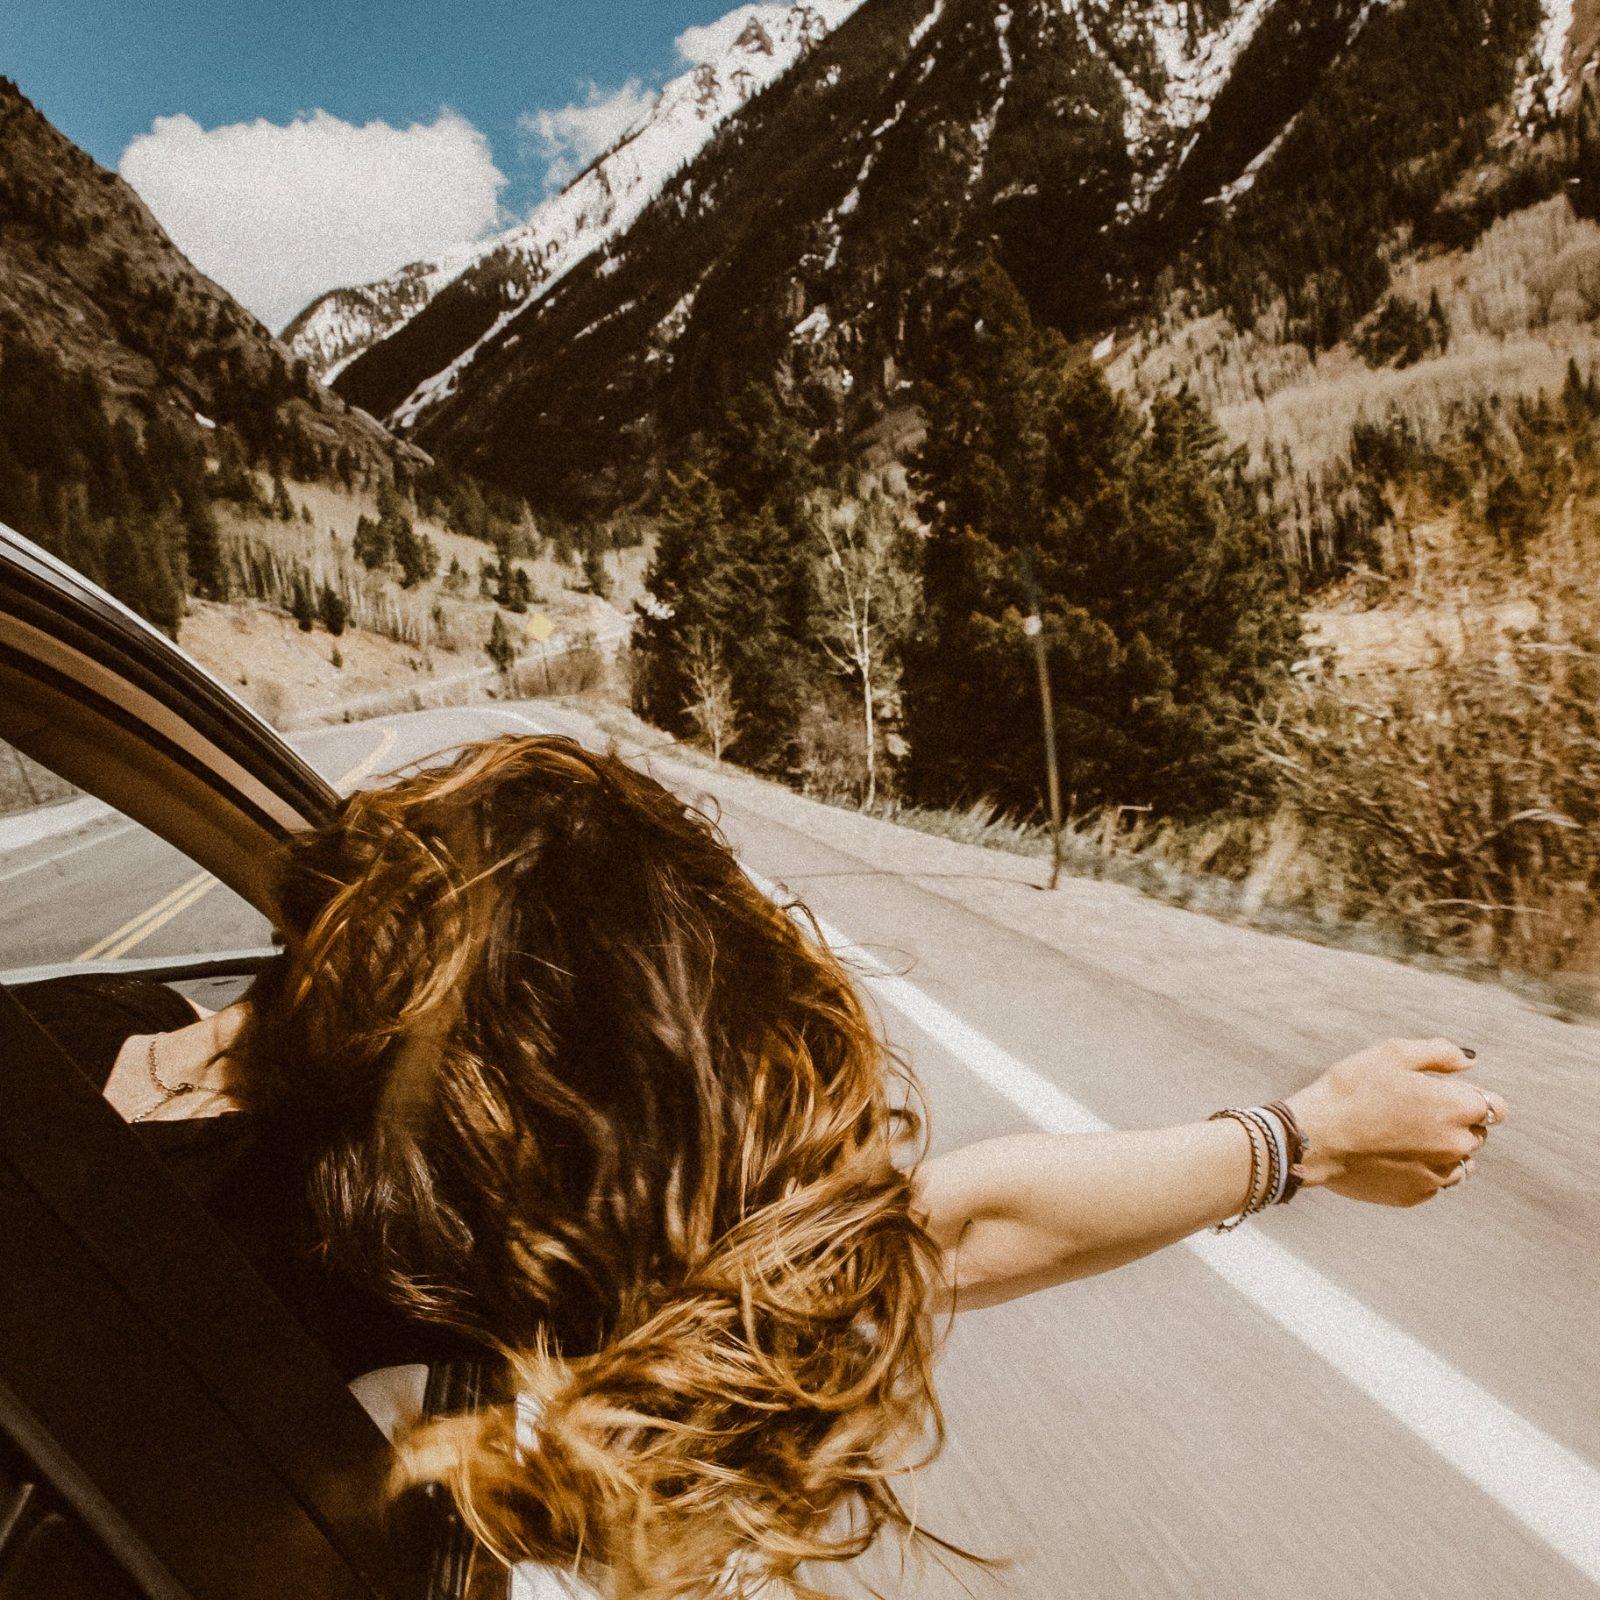 roadtrip girl mountains